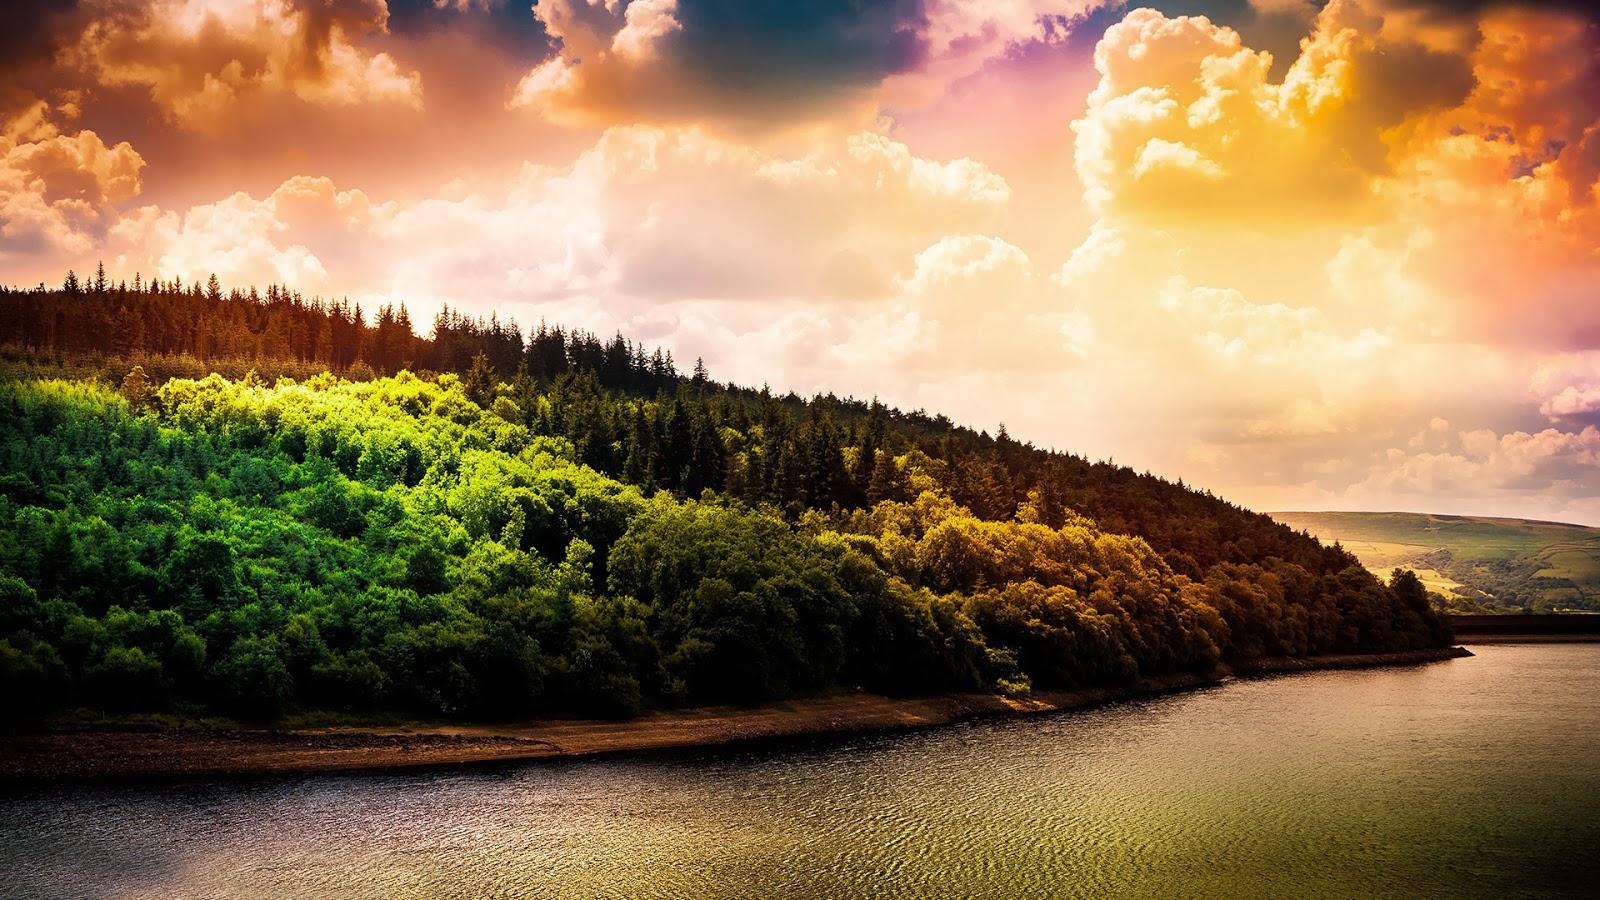 hd natural image beautiful - photo #38